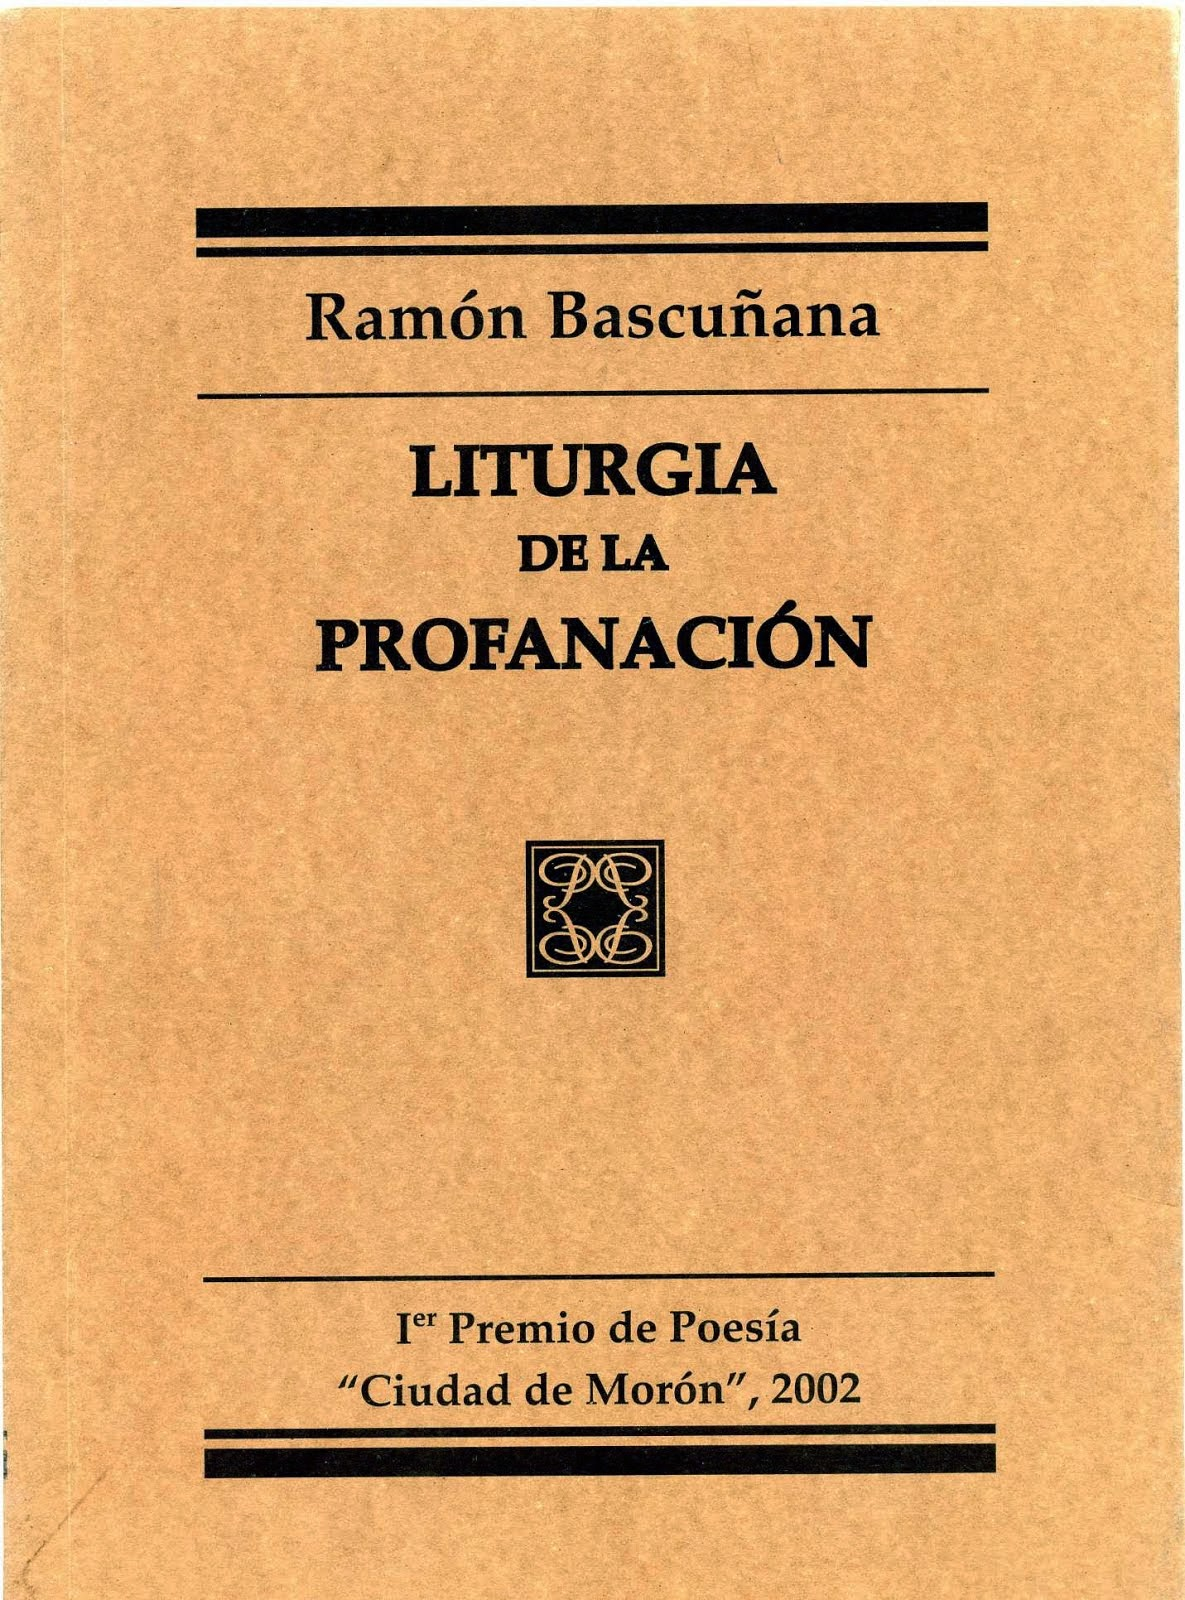 LITURGIA DE LA PROFANACIÓN [2002]